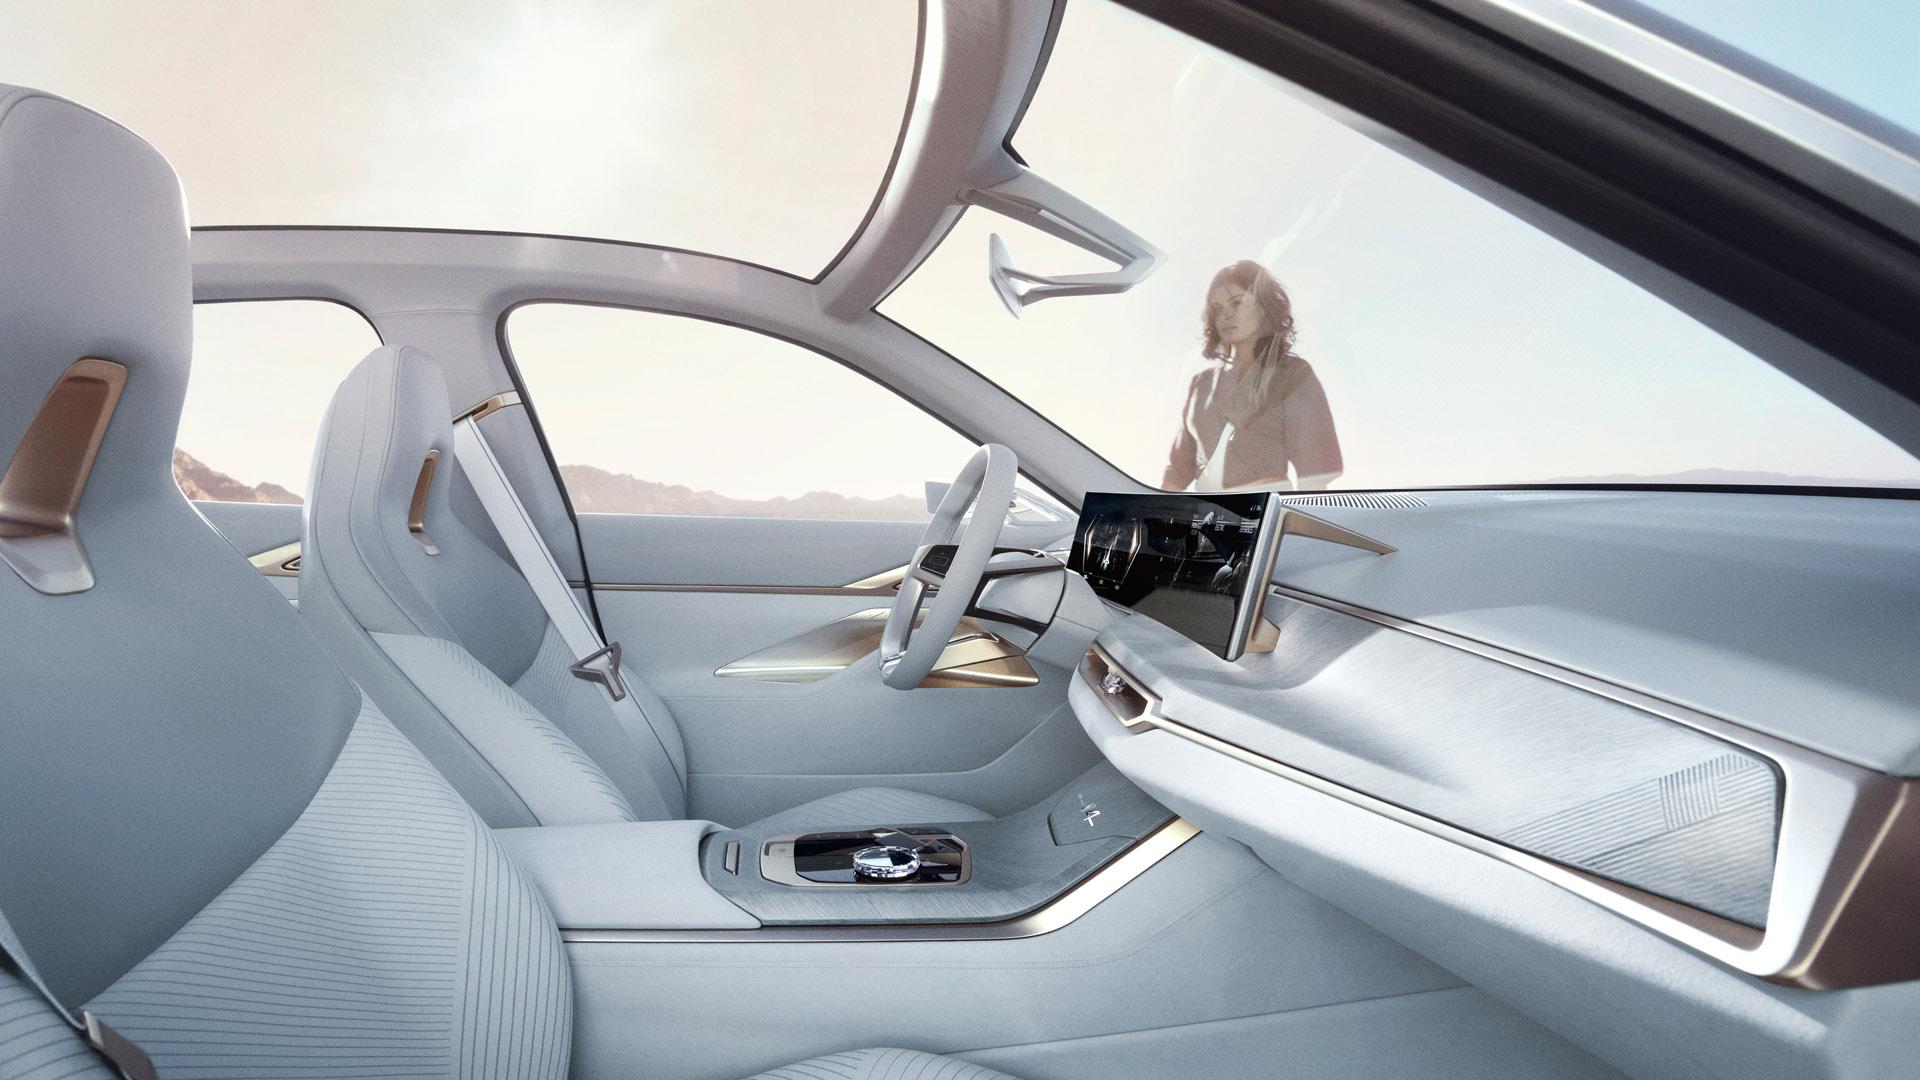 BMW Concept i4 inside